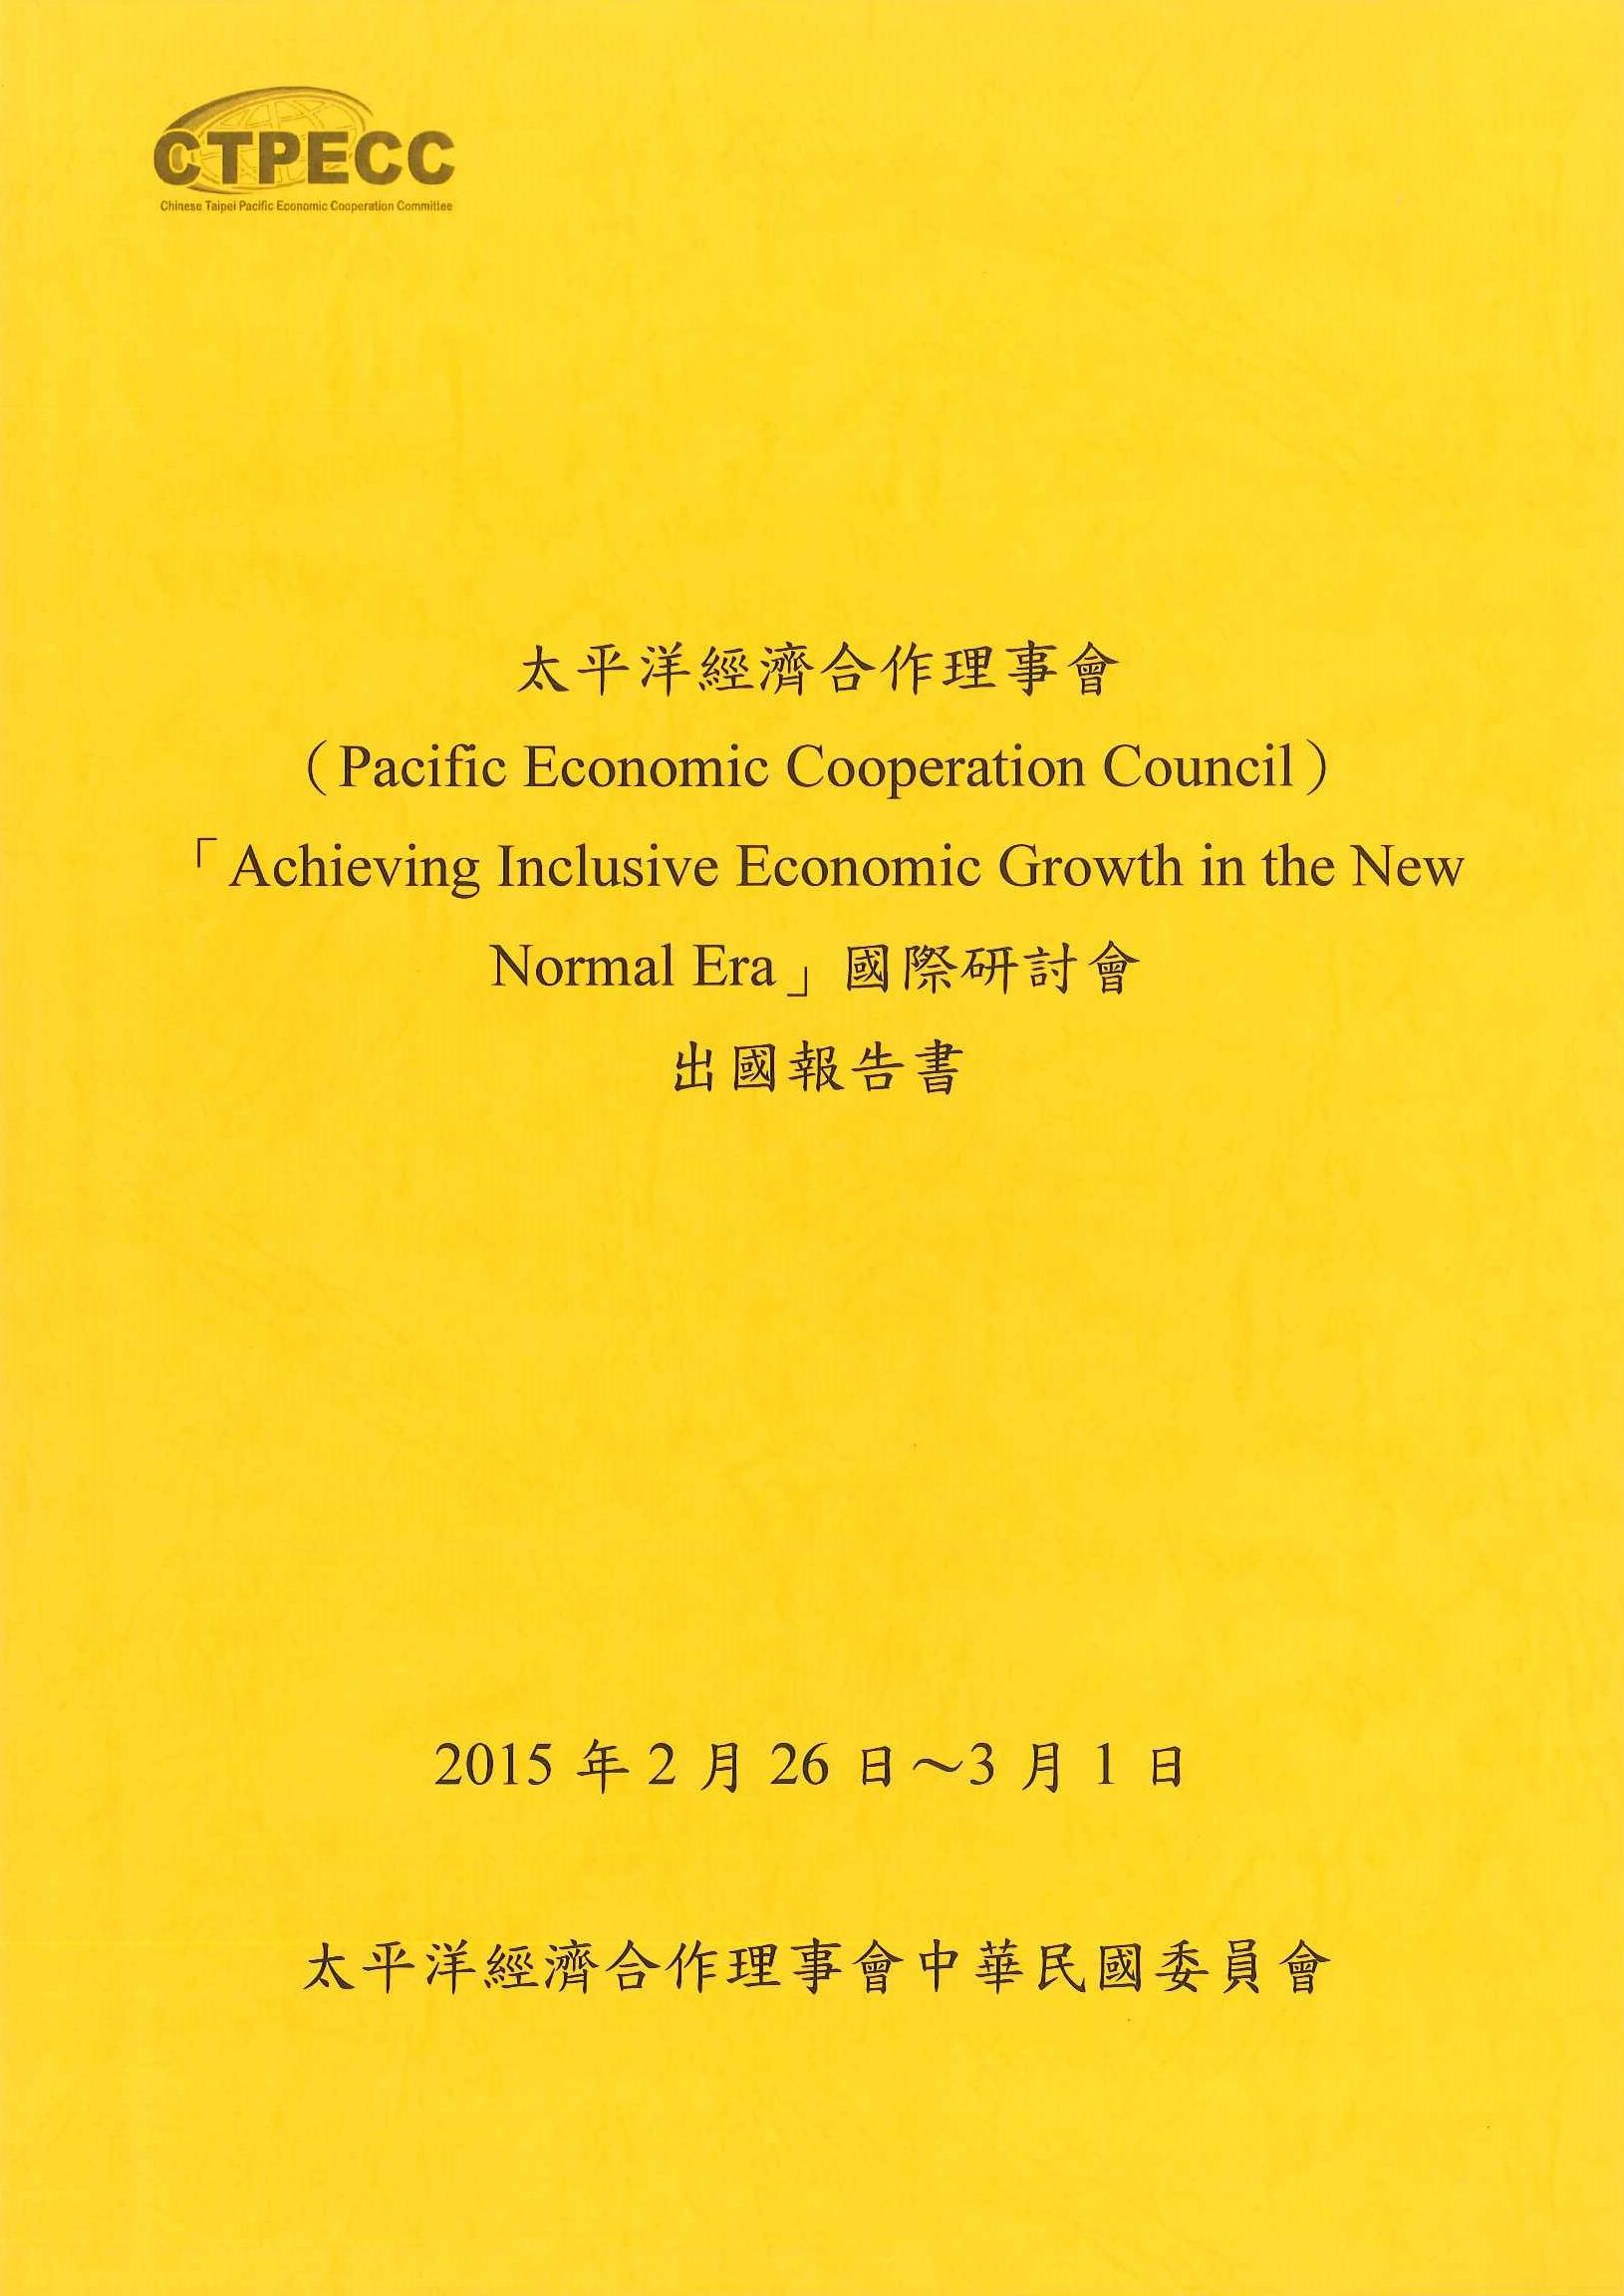 太平洋經濟合作理事會「Achieving Inclusive Economic Growth in New Normal Era」國際研討會出國報告書